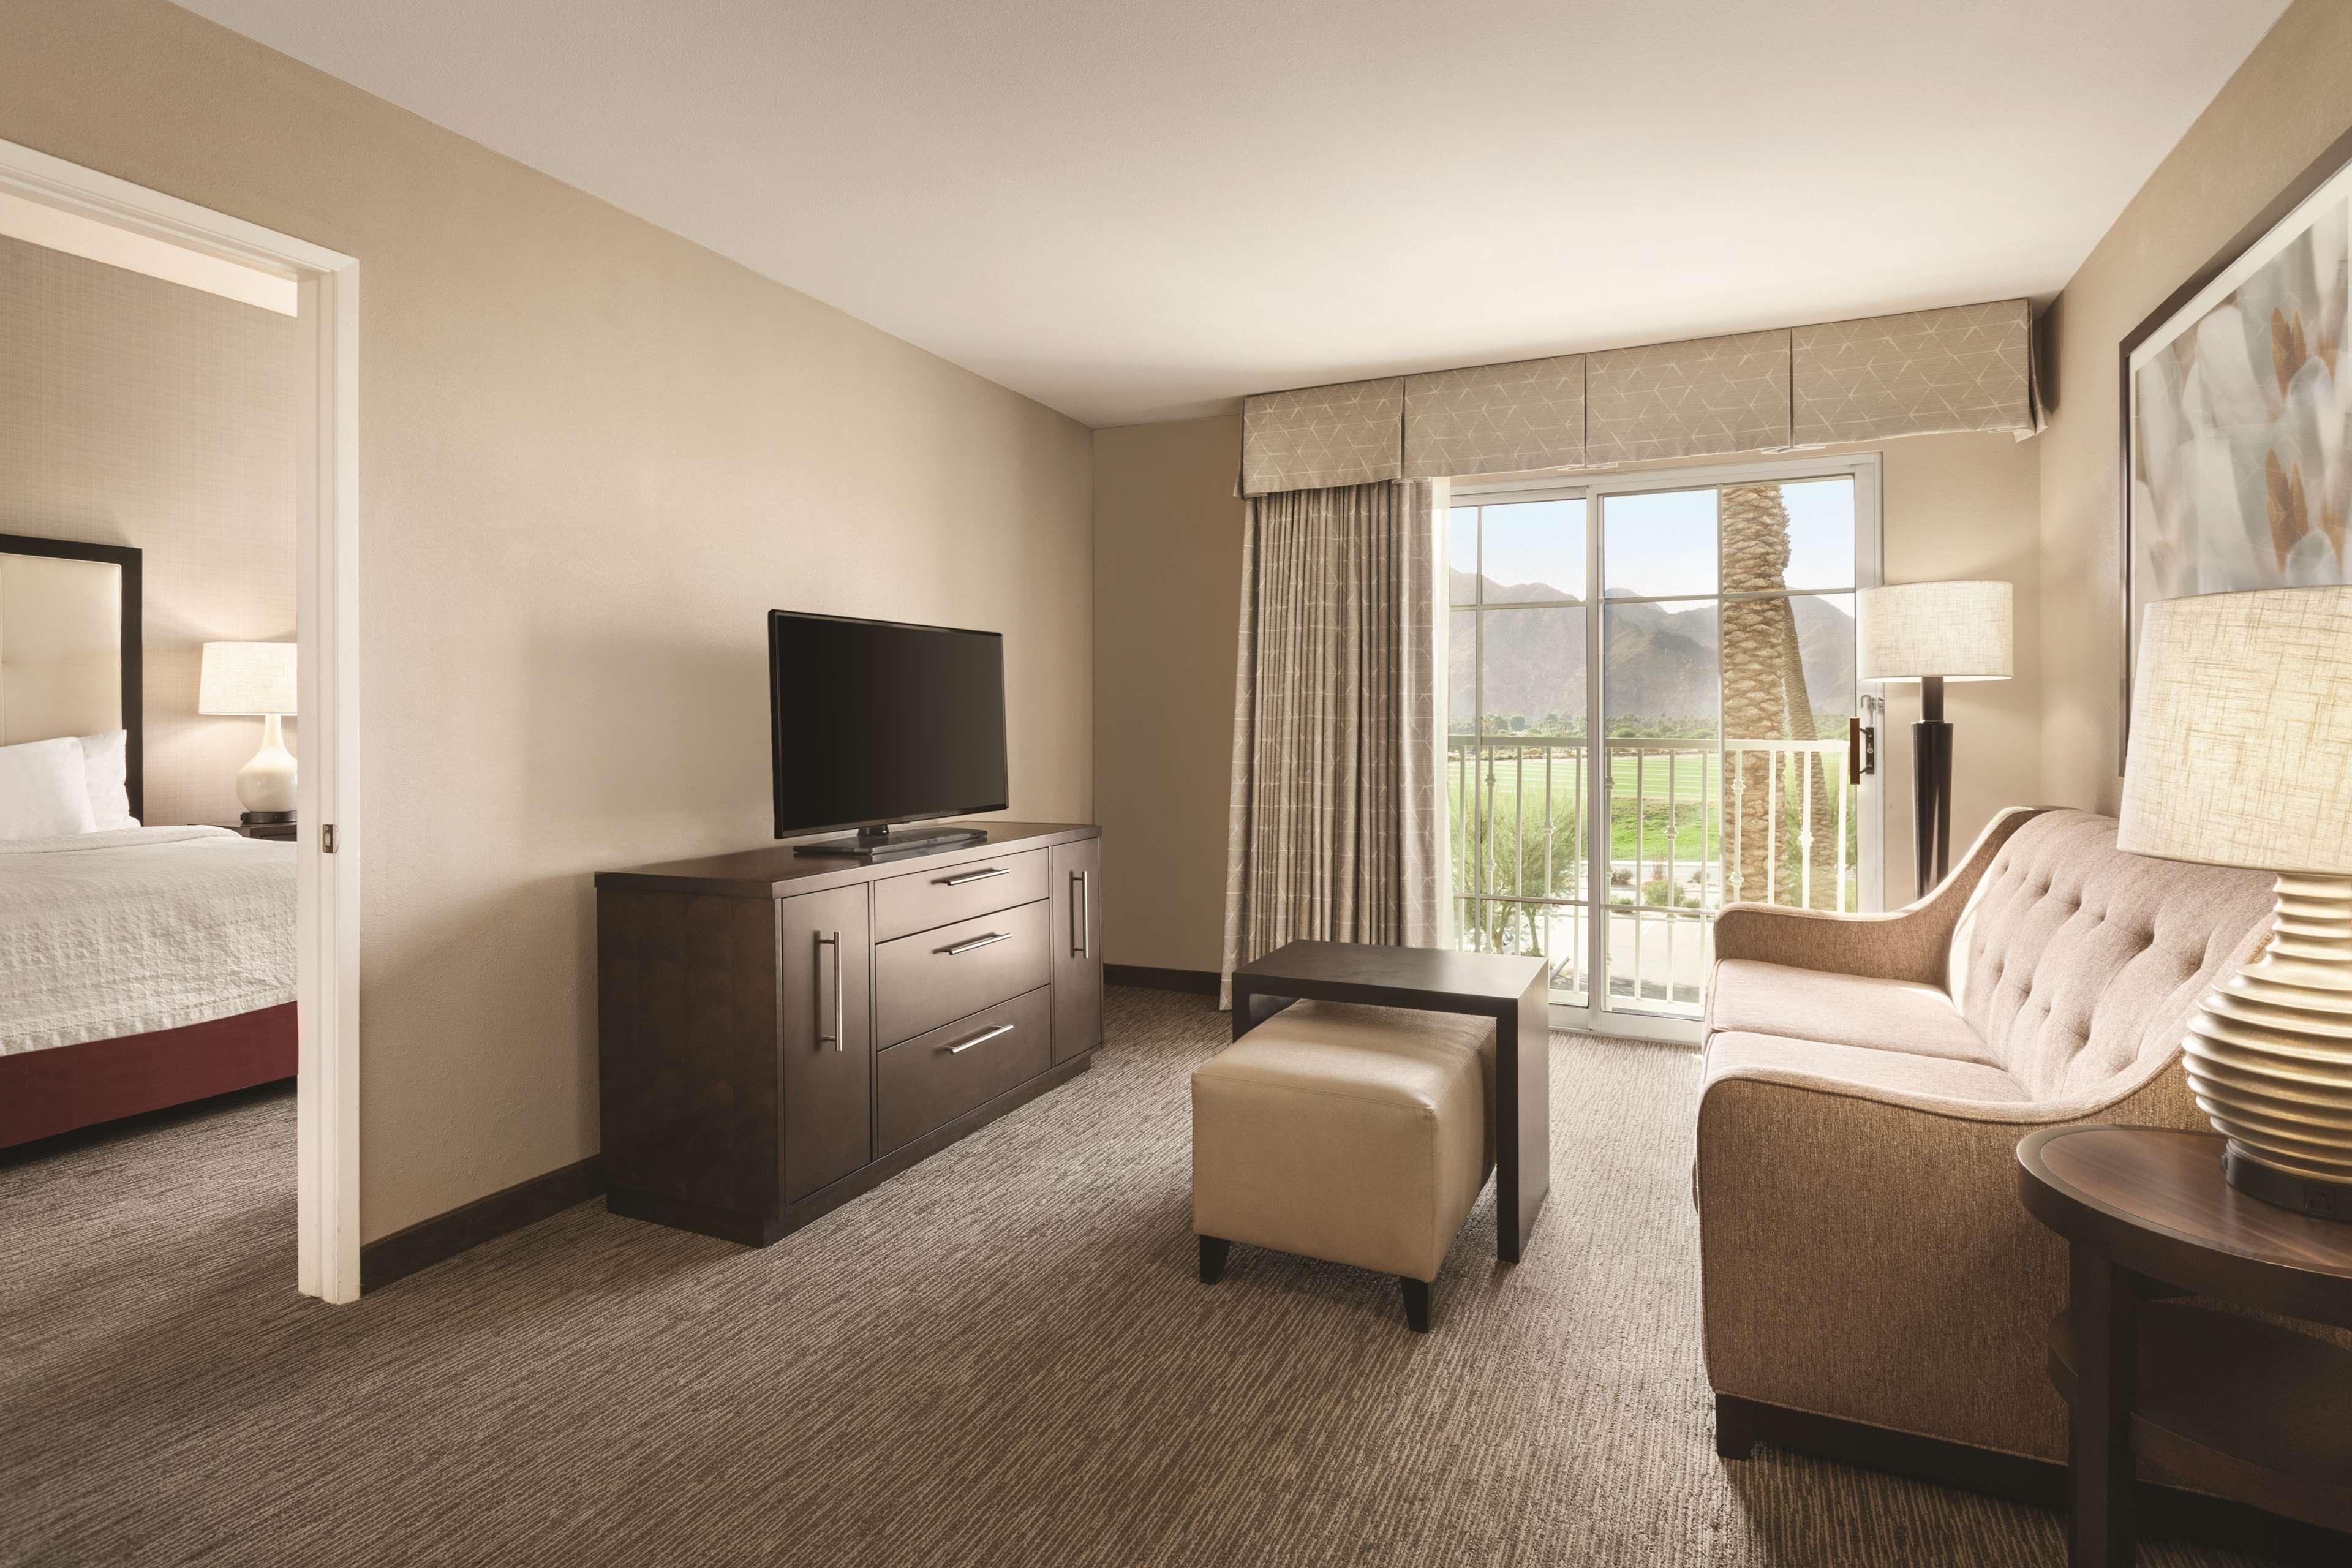 Homewood Suites by Hilton La Quinta image 16